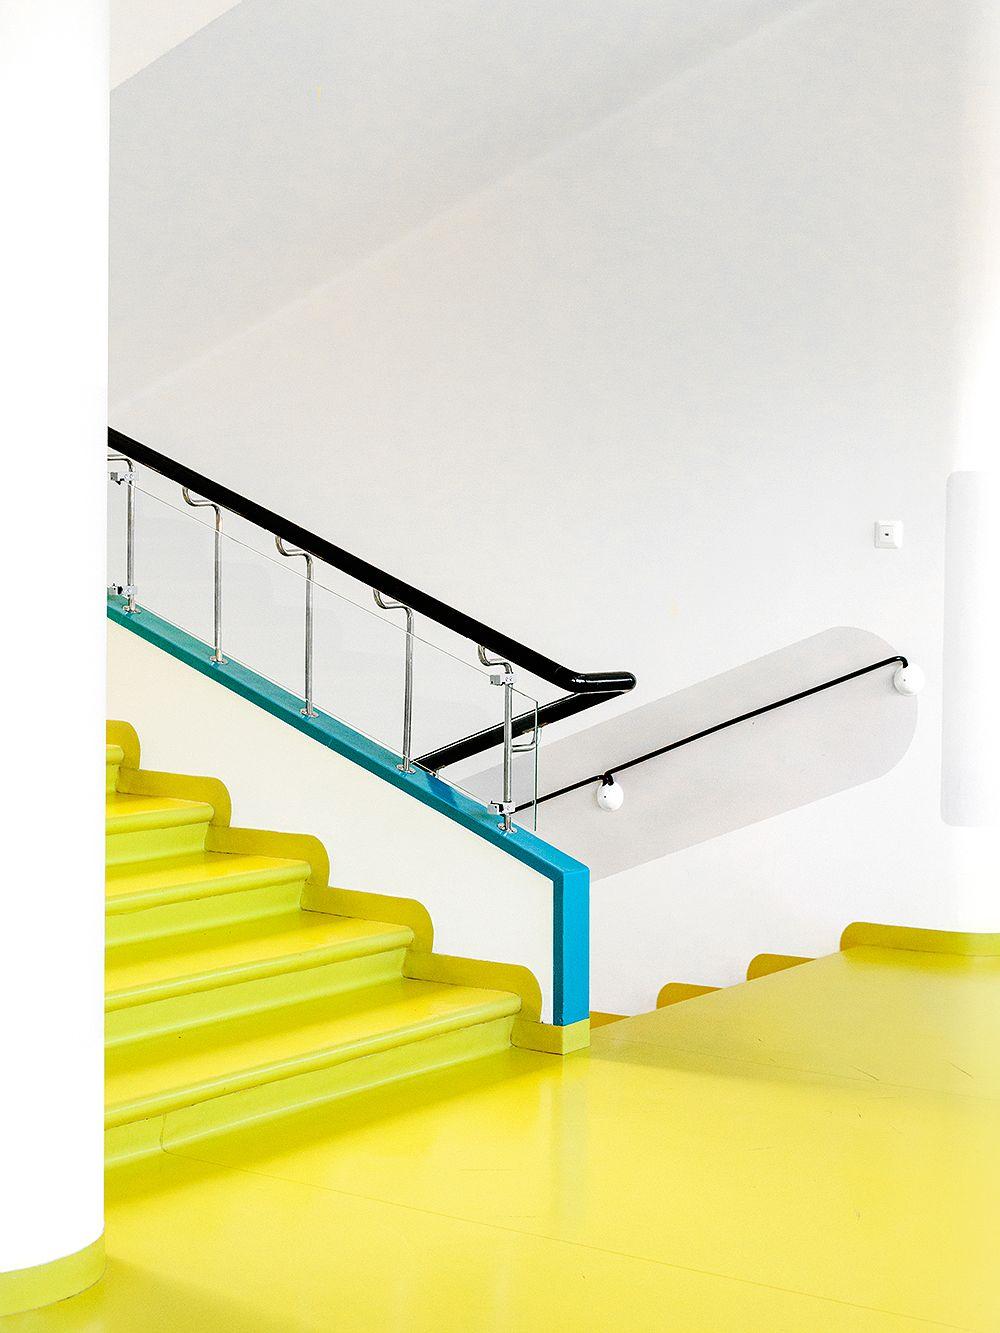 Paimion parantolan keltainen portaikko